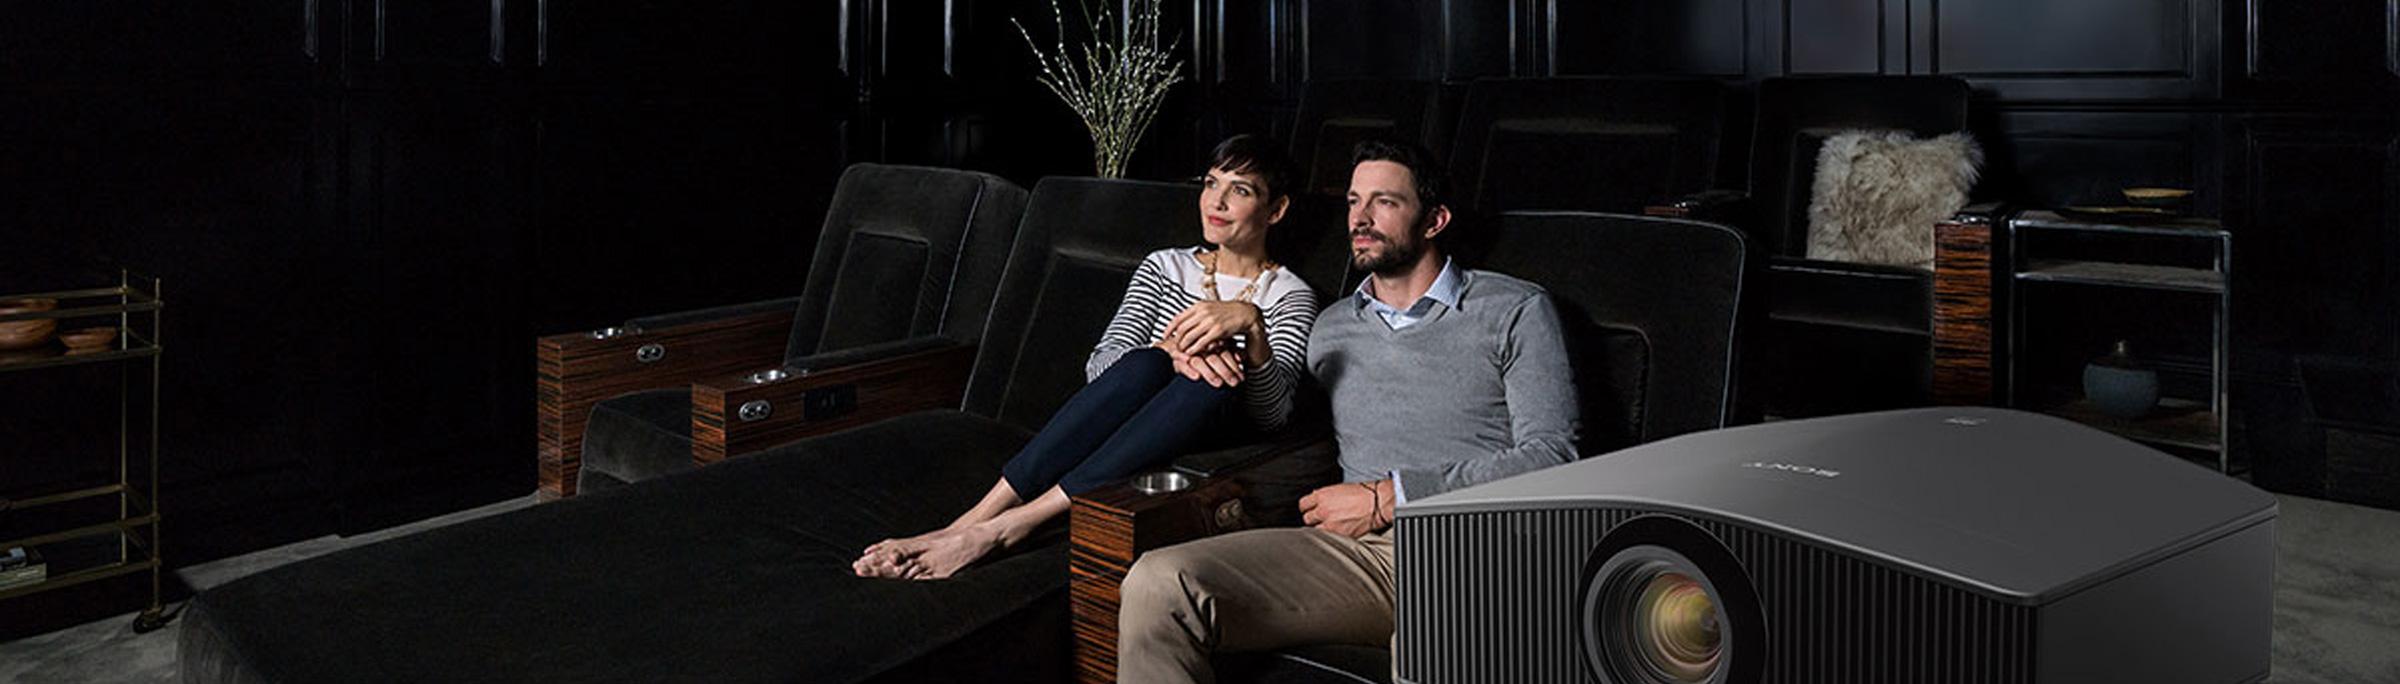 Projectors, Screens + TVs